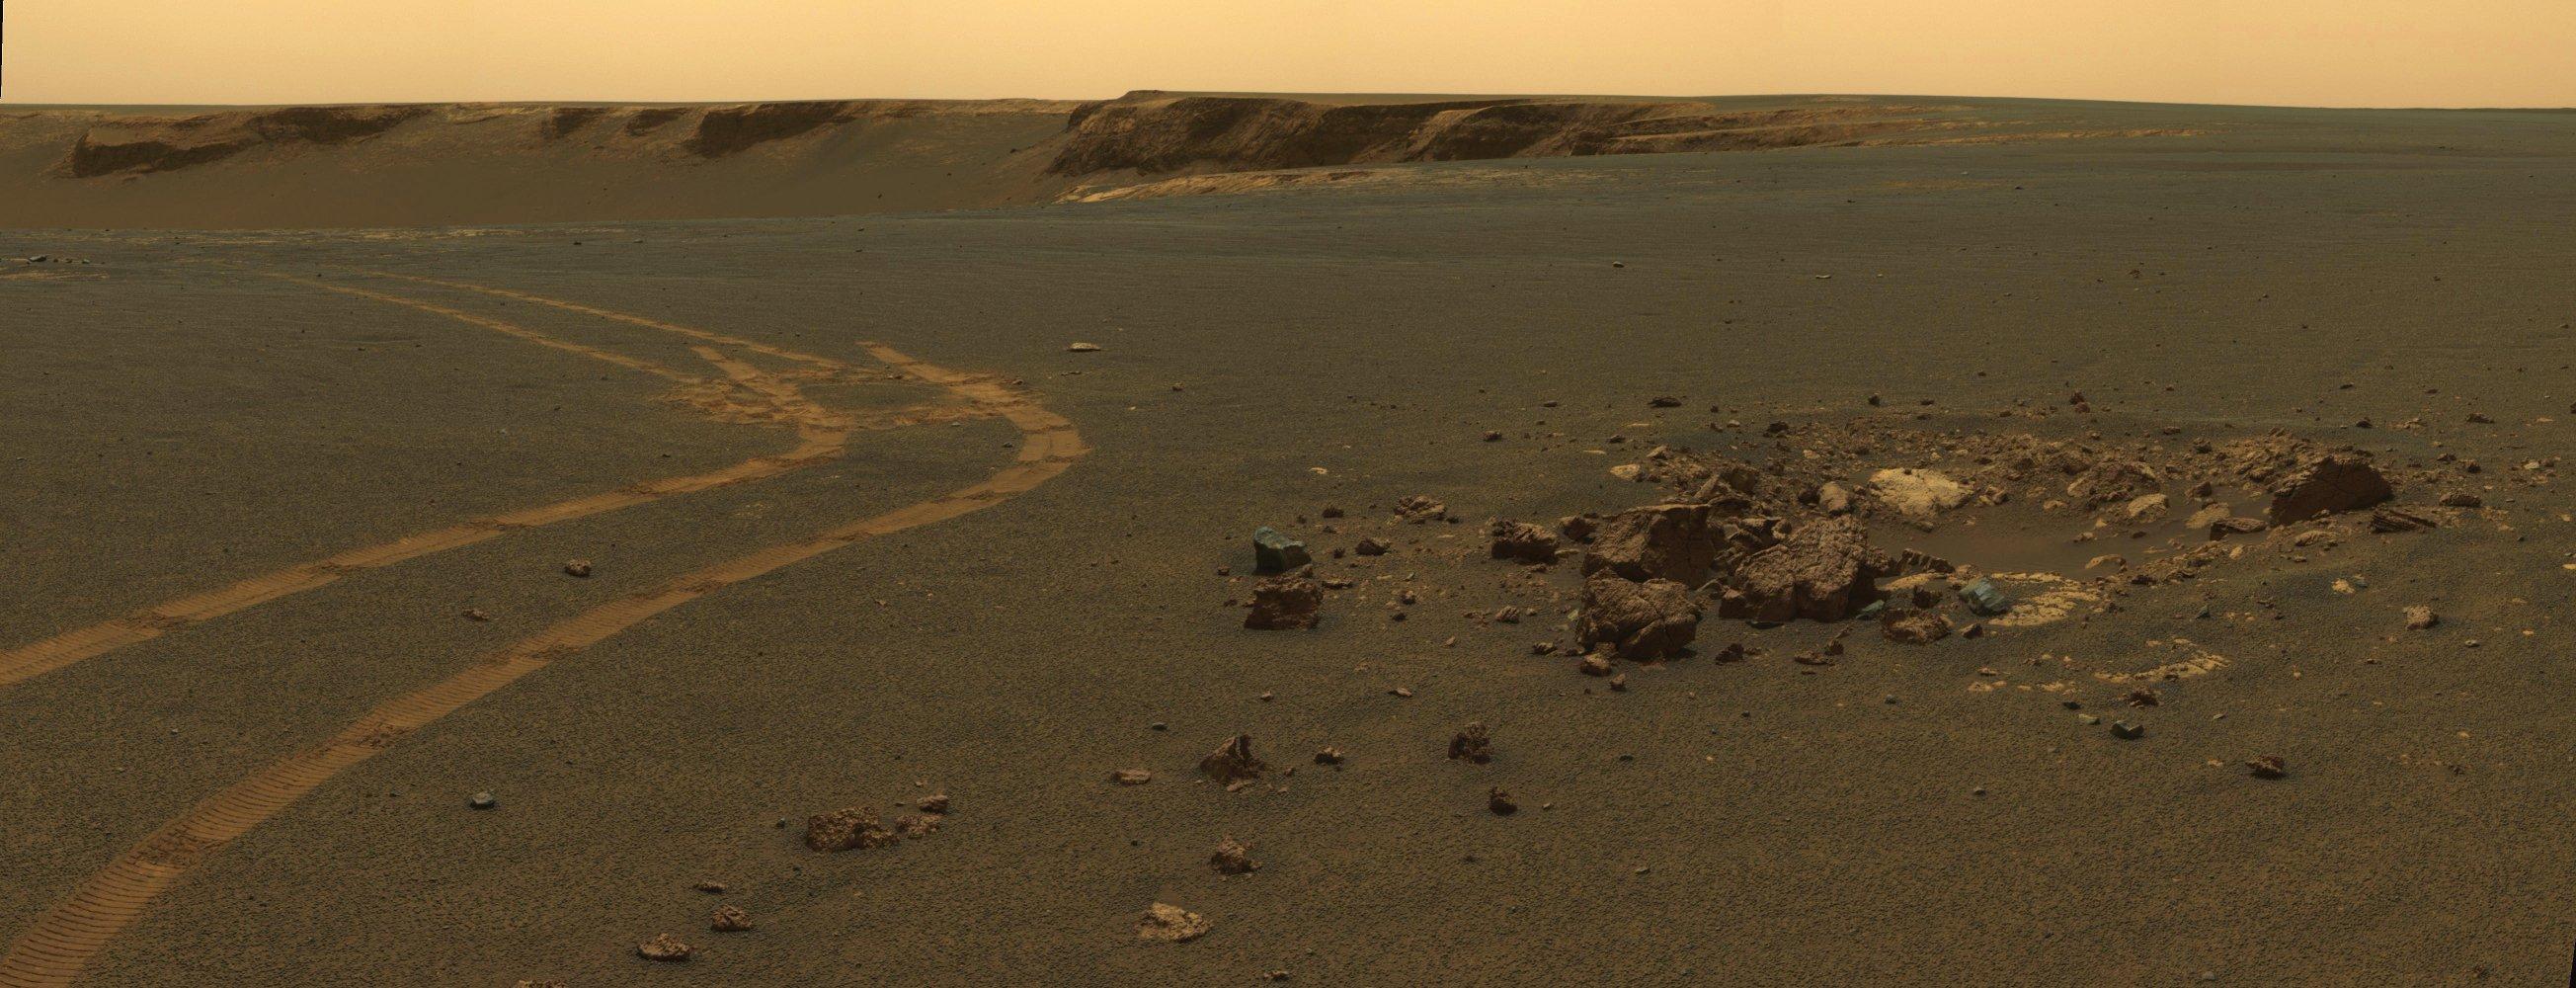 Mars Desktop Wallpaper NASA Opportunity Rover Tracks on Martian 2608x1000